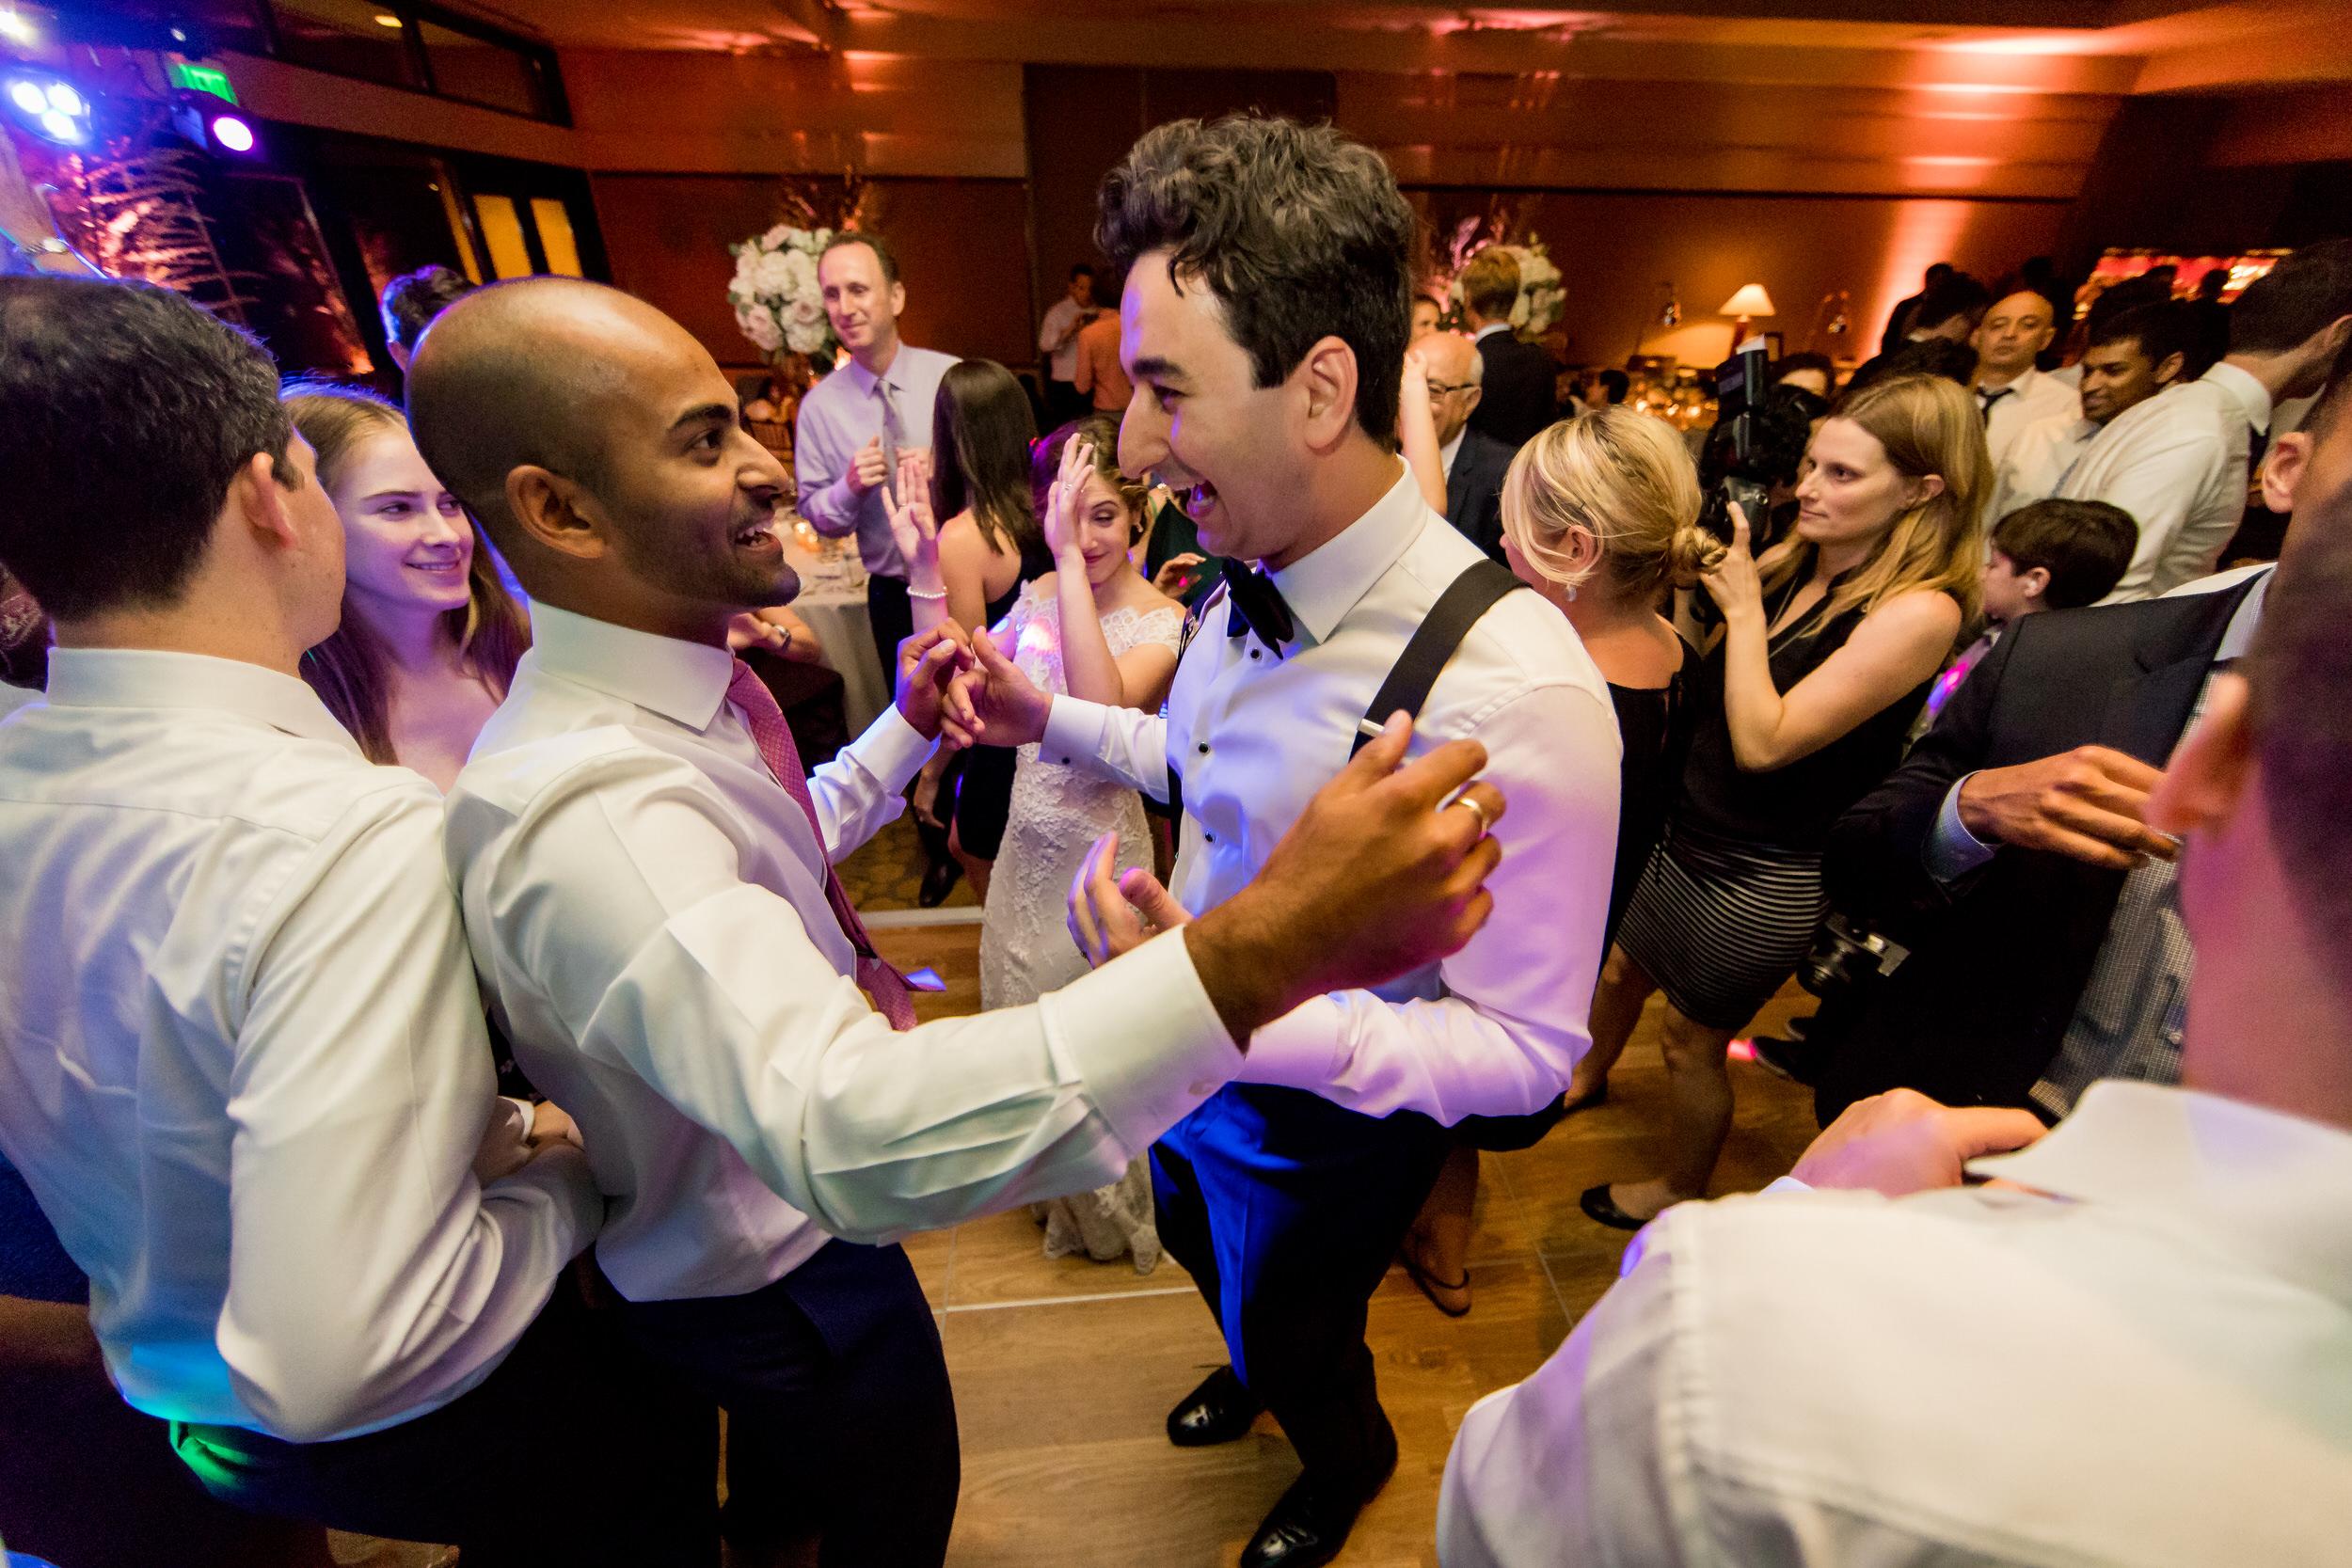 jake_marisa_allison_inn_wedding_starkphotography_071